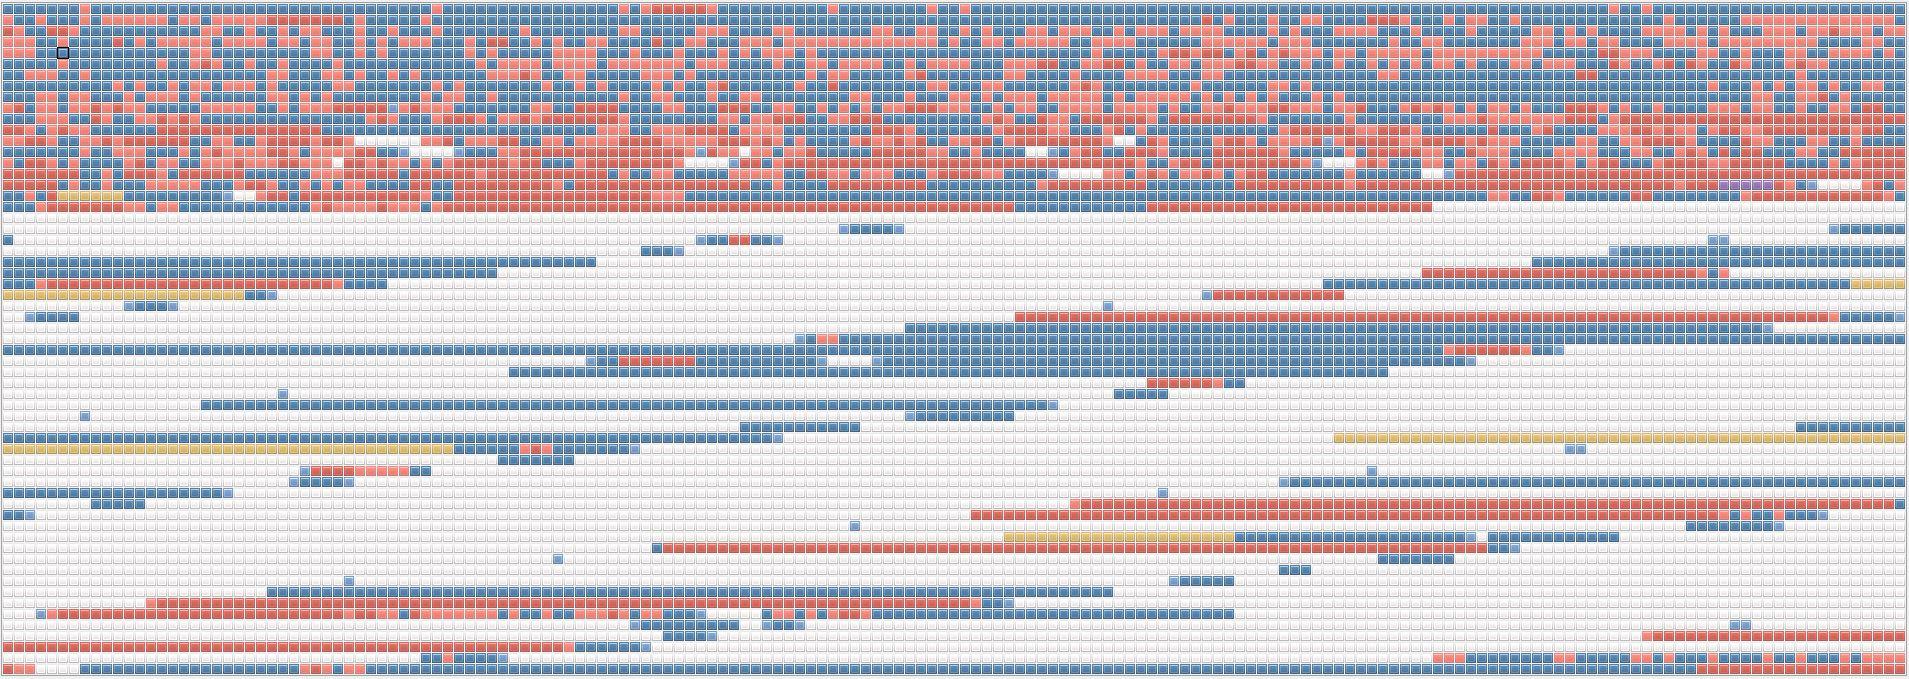 disque-dur-fragmentation Speedcheck : quel impact aurait une défragmentation sur votre ordinateur ?